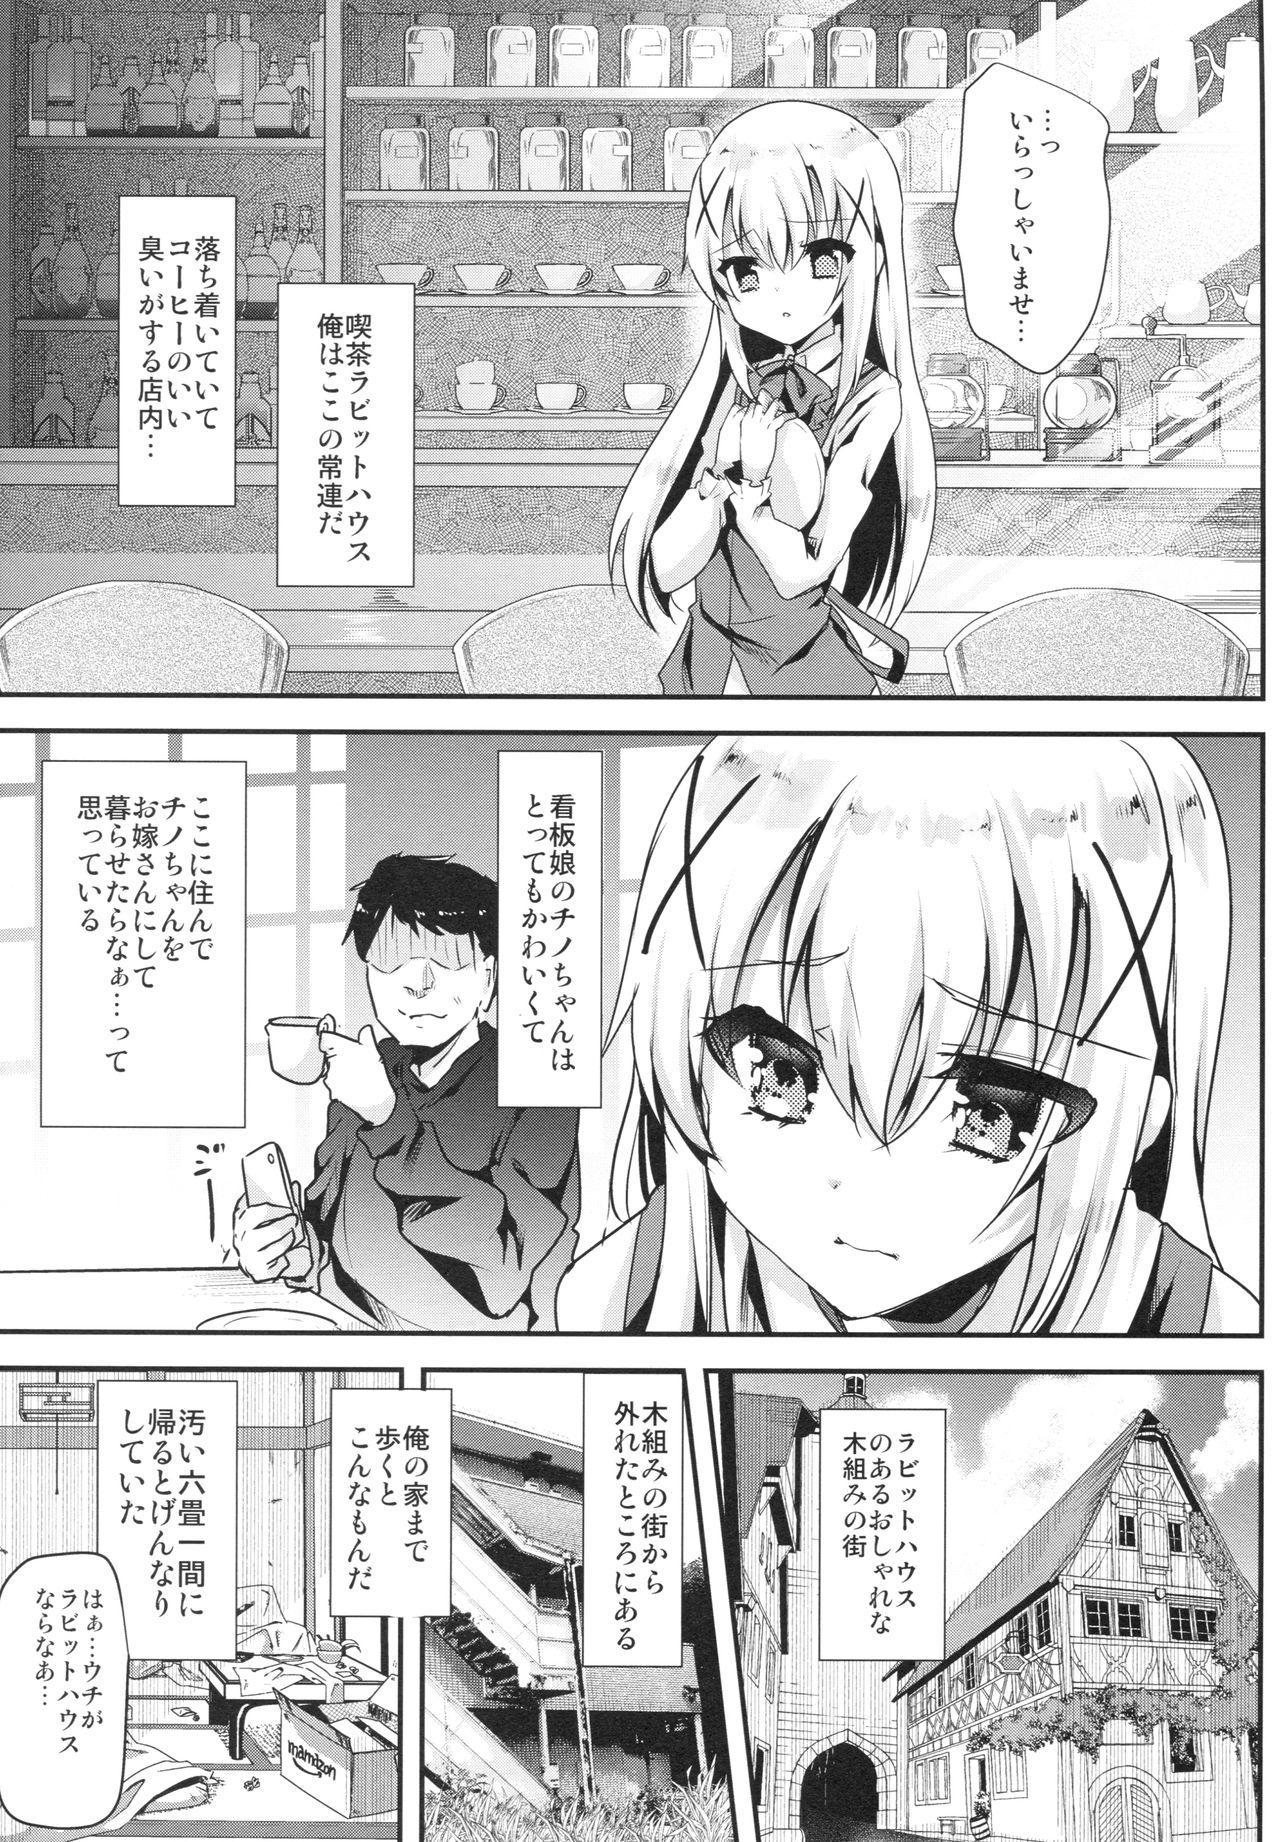 Ouchi ga Cafe ni Naccyatta! 3